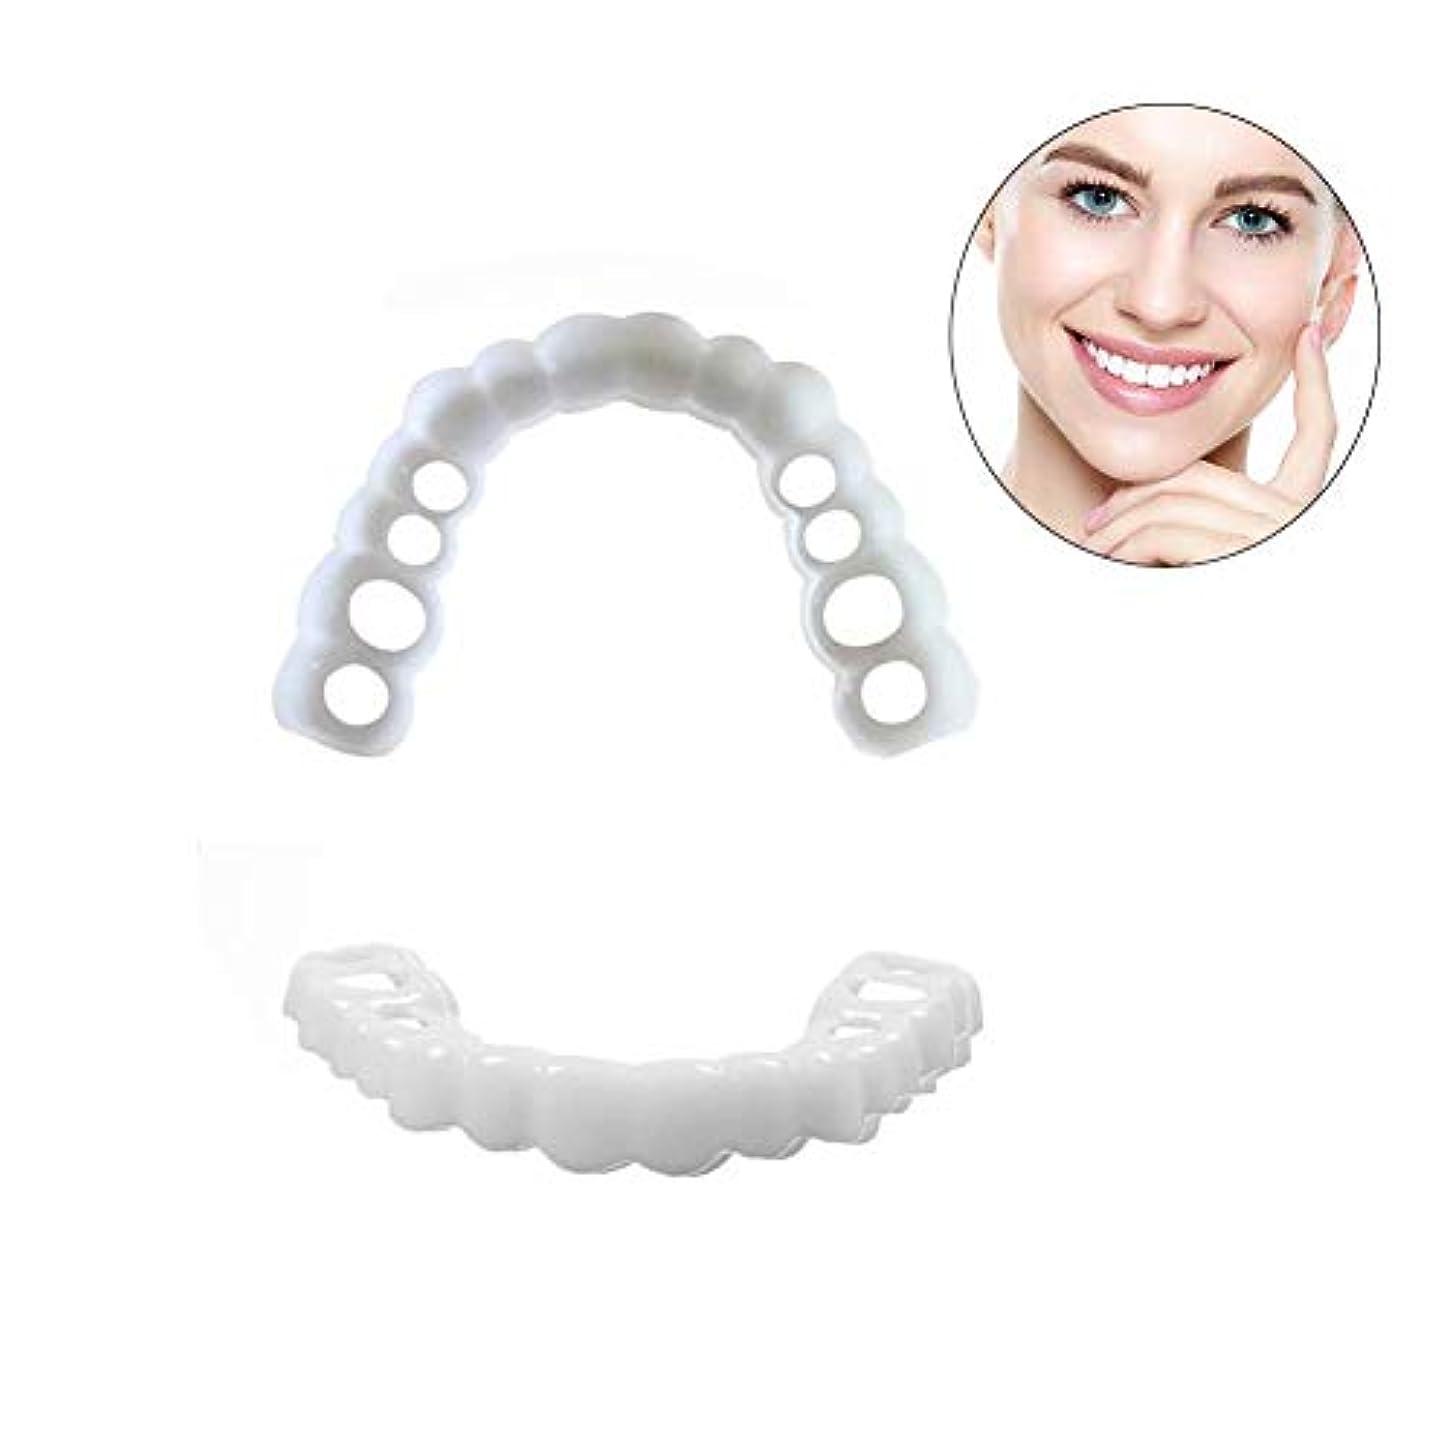 偽造ホールパワーセル3ペア一時的な化粧品の歯義歯歯の化粧品模擬装具アッパーブレース+ロアブレース、インスタント快適なフレックスパーフェクトベニアの歯スナップキャップ